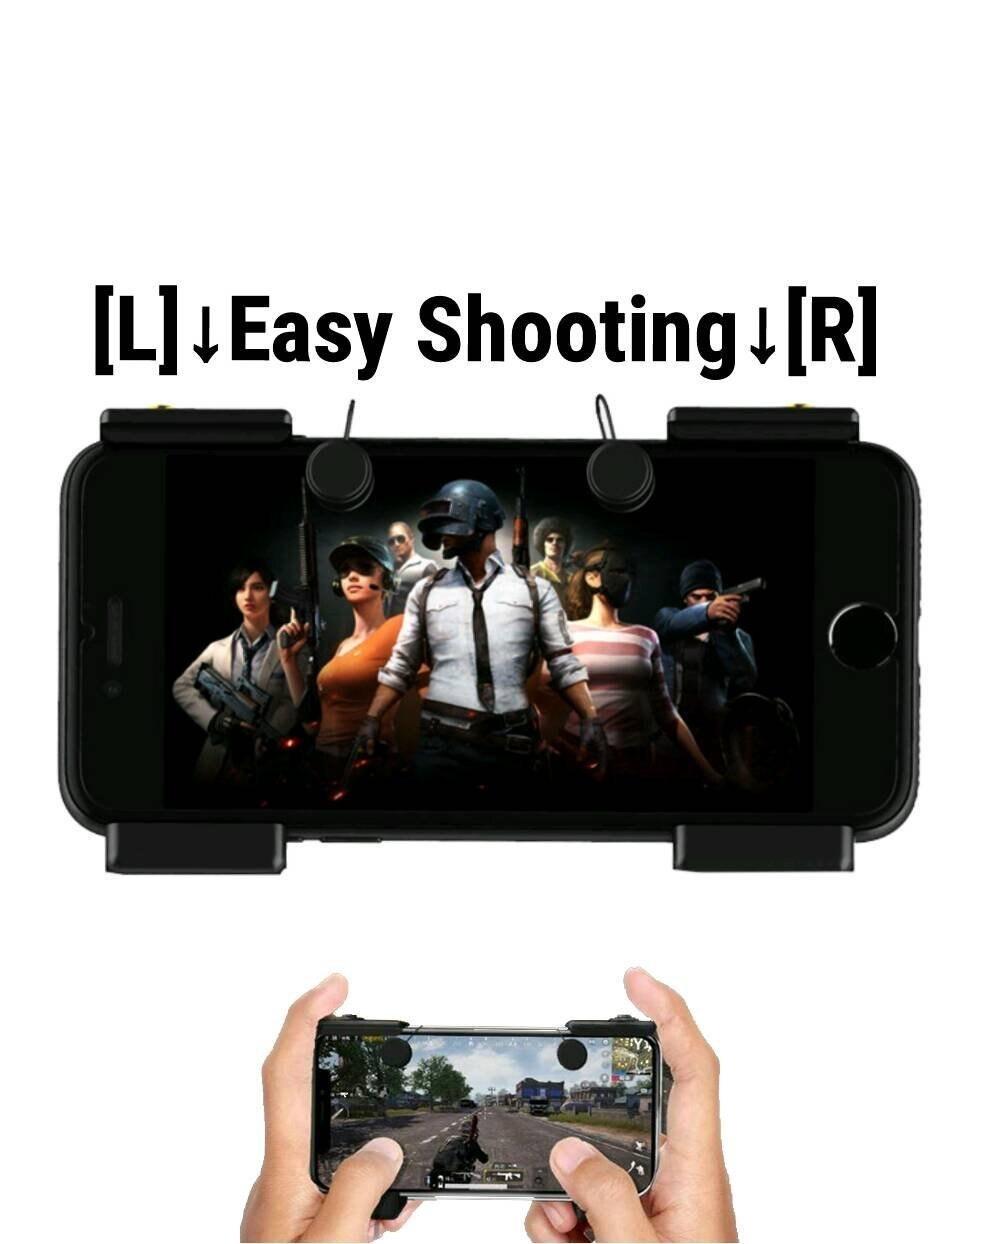 Coltelli fuori Regole di Sopravvivenza Gioco Mobile Pulsante di Fuoco Obiettivo Chiave Smart phone Mobile Gaming Controller Trigger L1R1 Sparatutto PUBG V X